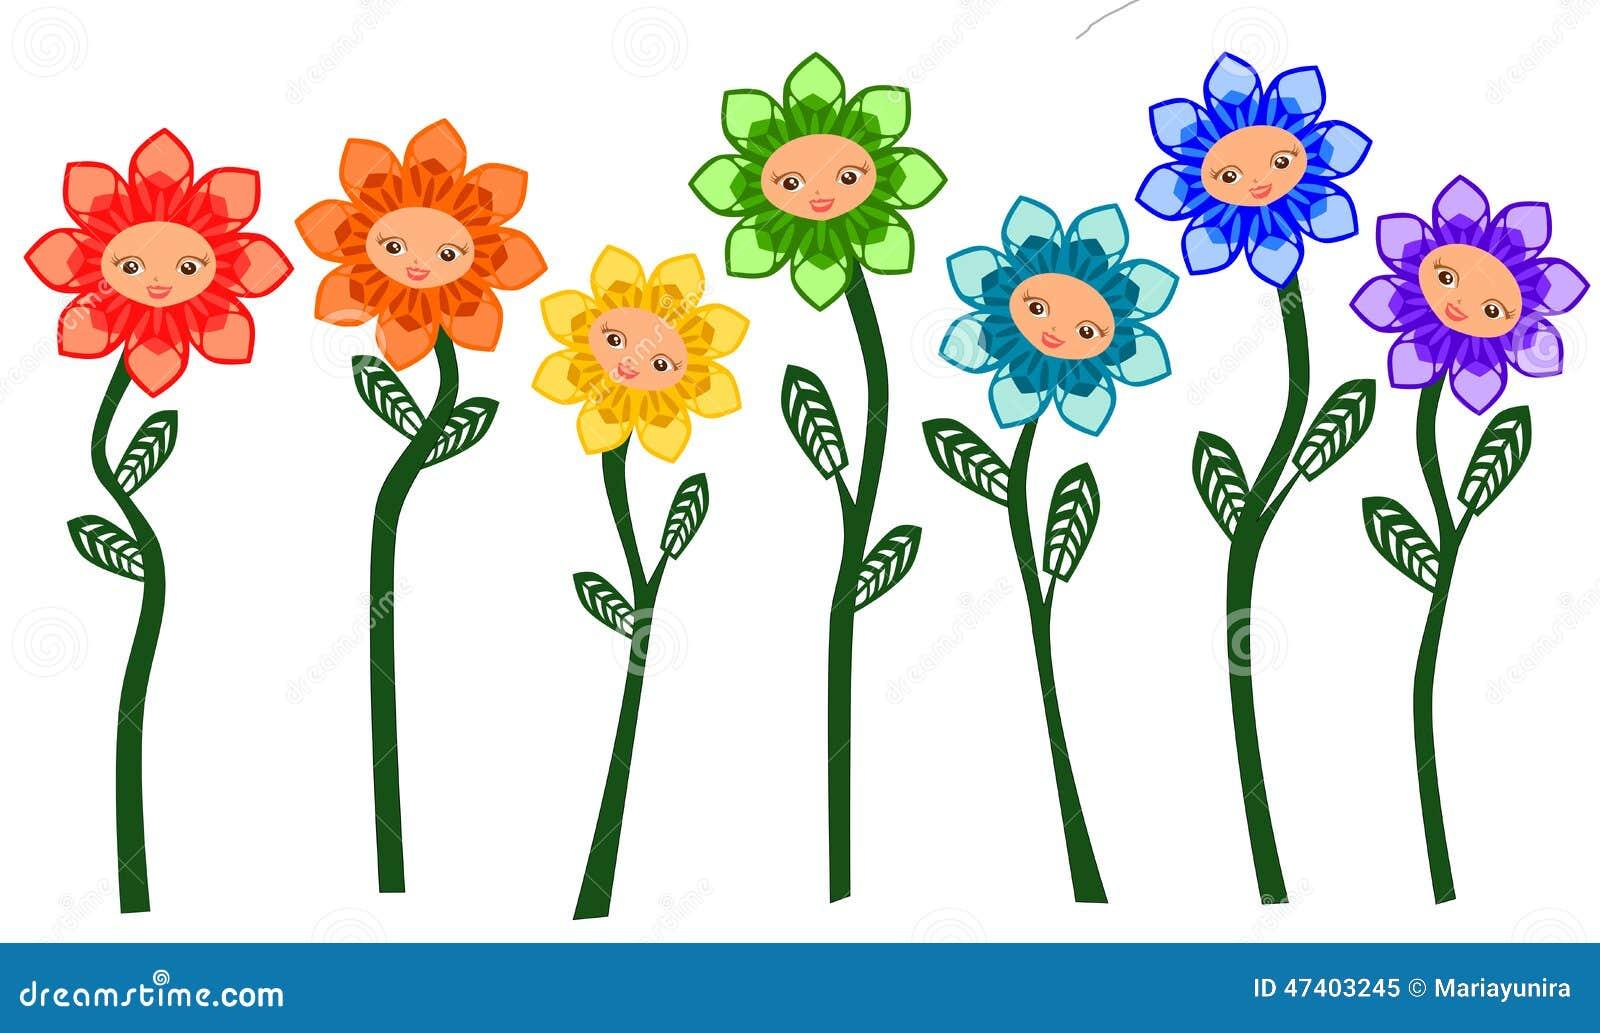 Frame House Plans Rainbow Flowers Cartoon Vector Stock Vector Image 47403245